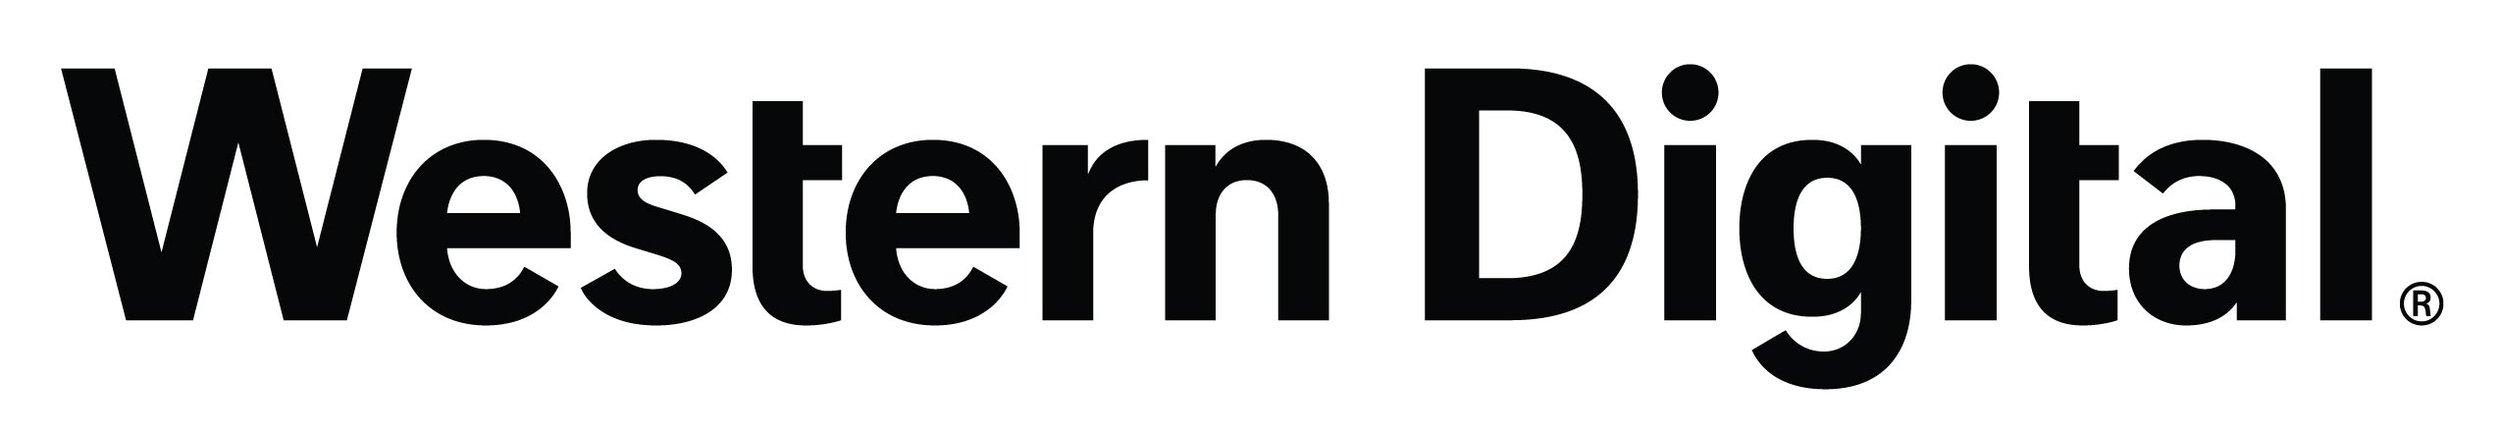 WesternDigital_Logo_1L_RGB_B.jpg